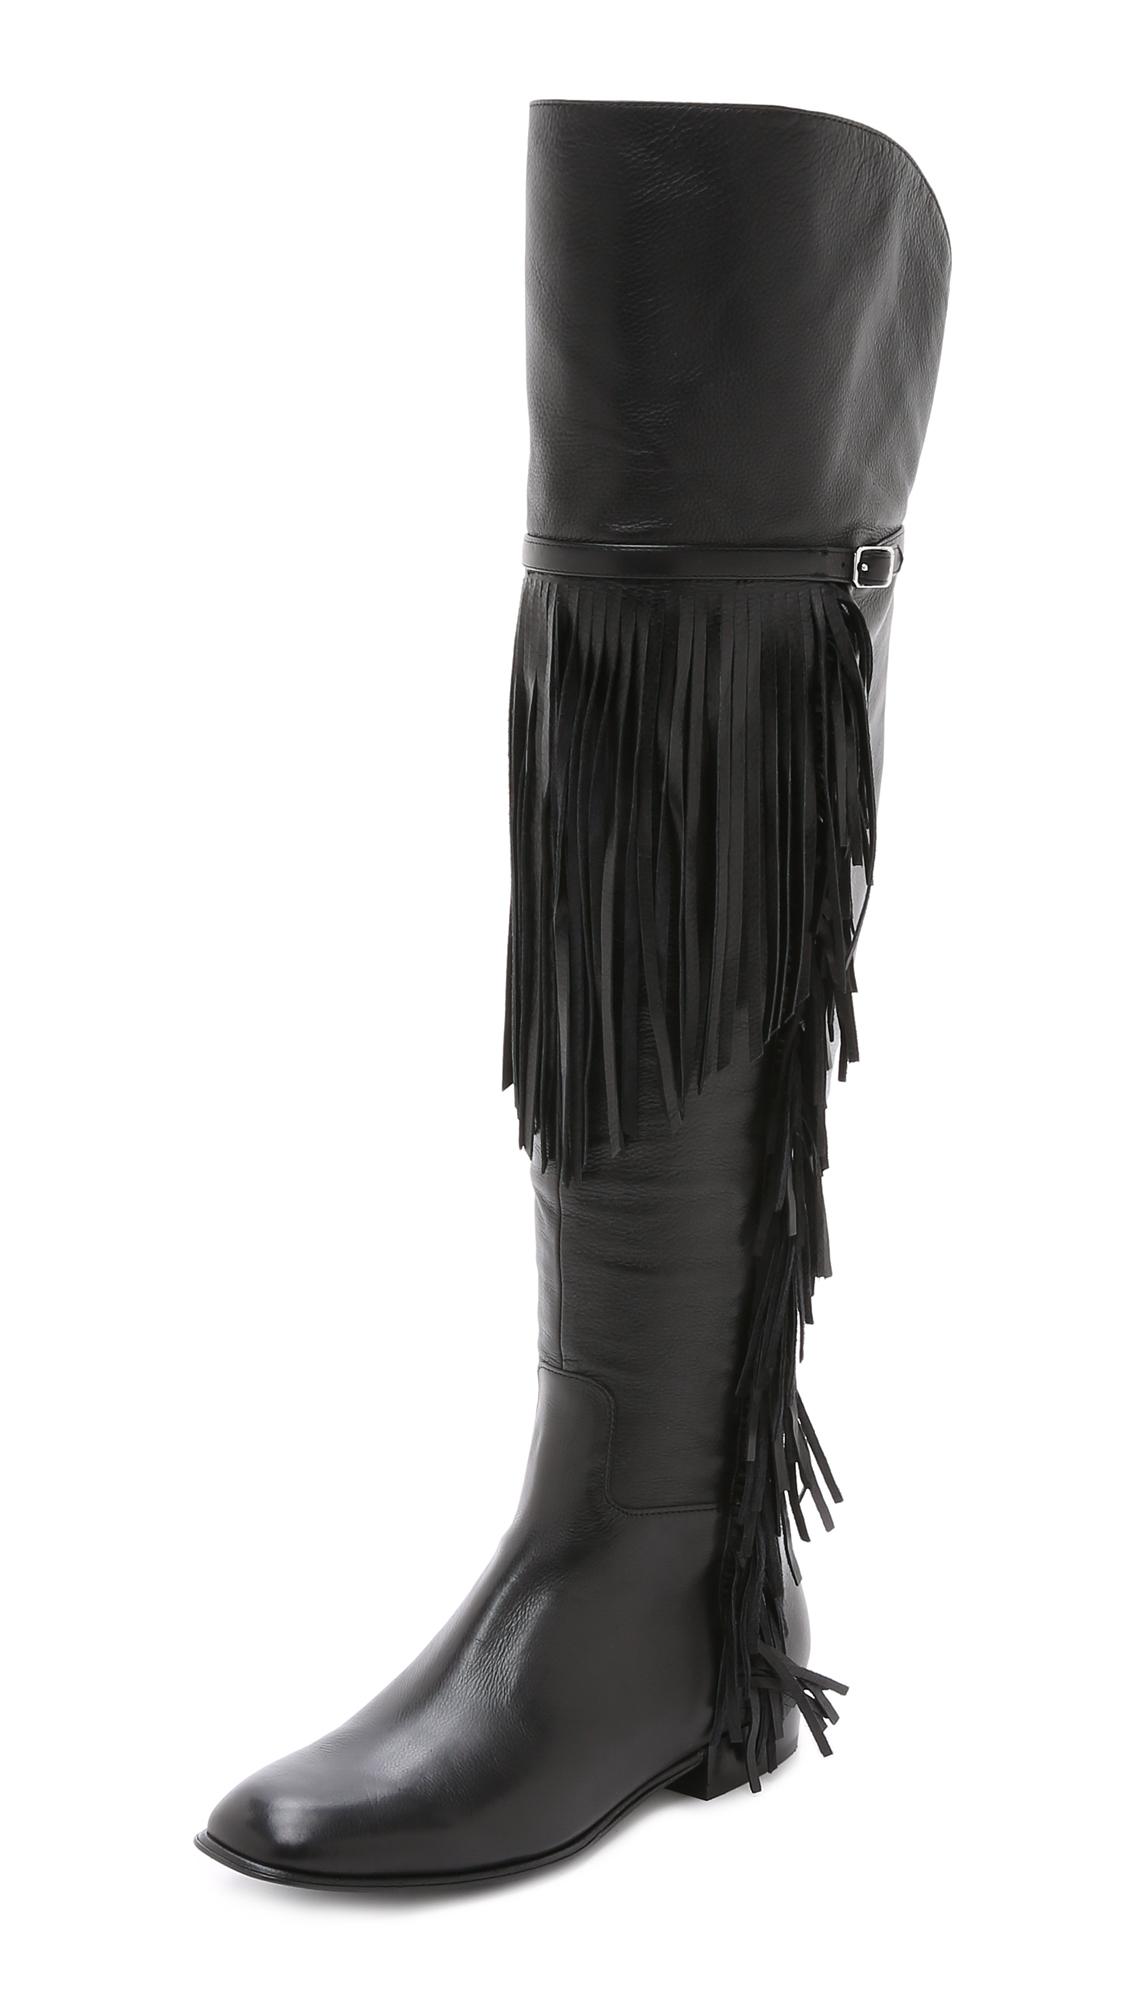 Sigerson morrison Effie Fringe Over The Knee Boots - Black in ...